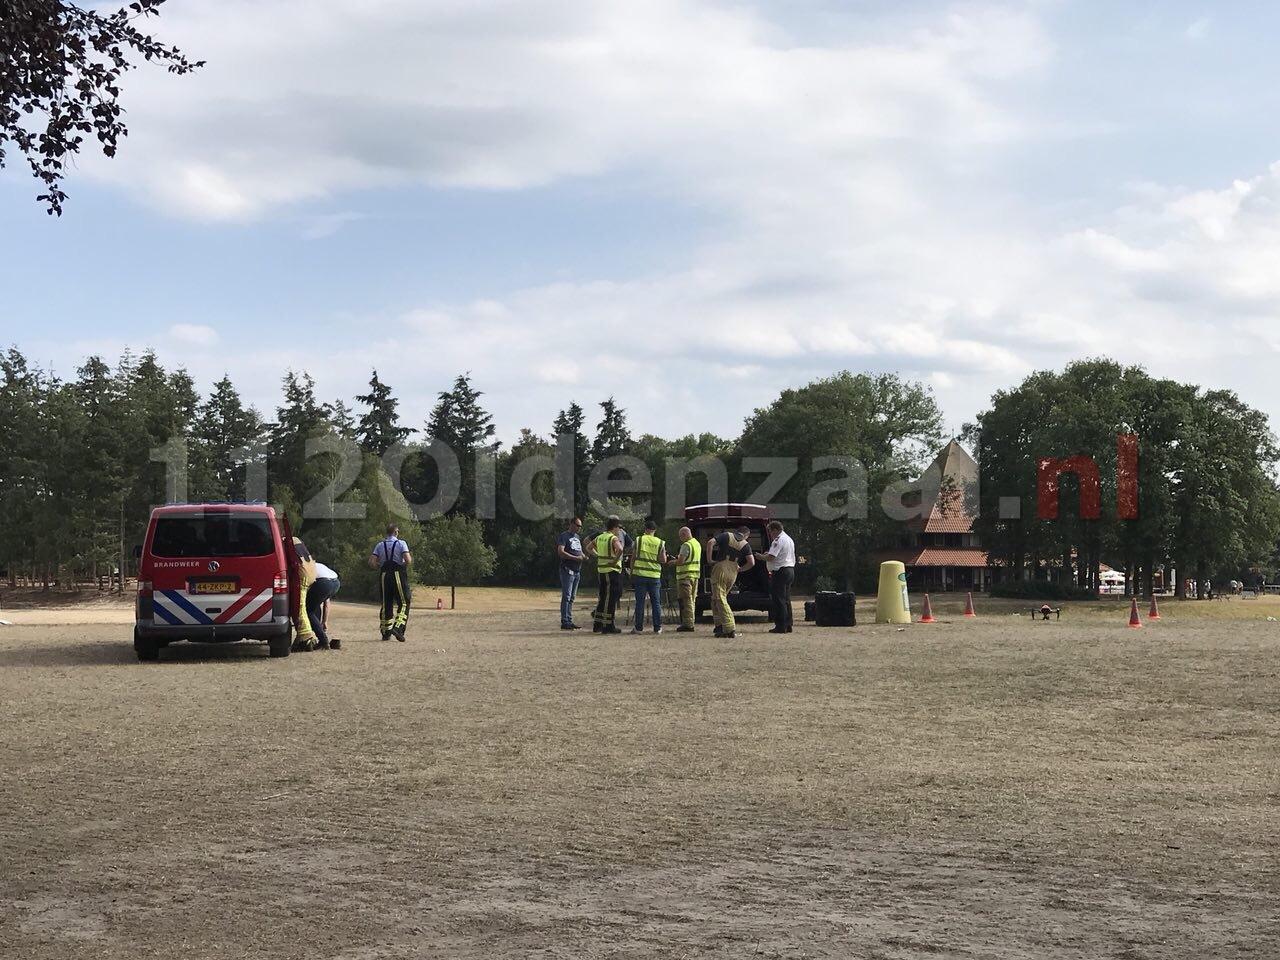 Zoekactie naar mogelijke drenkeling in Oldenzaal, sonarboot en drone ingezet; Het Hulsbeek ontruimd